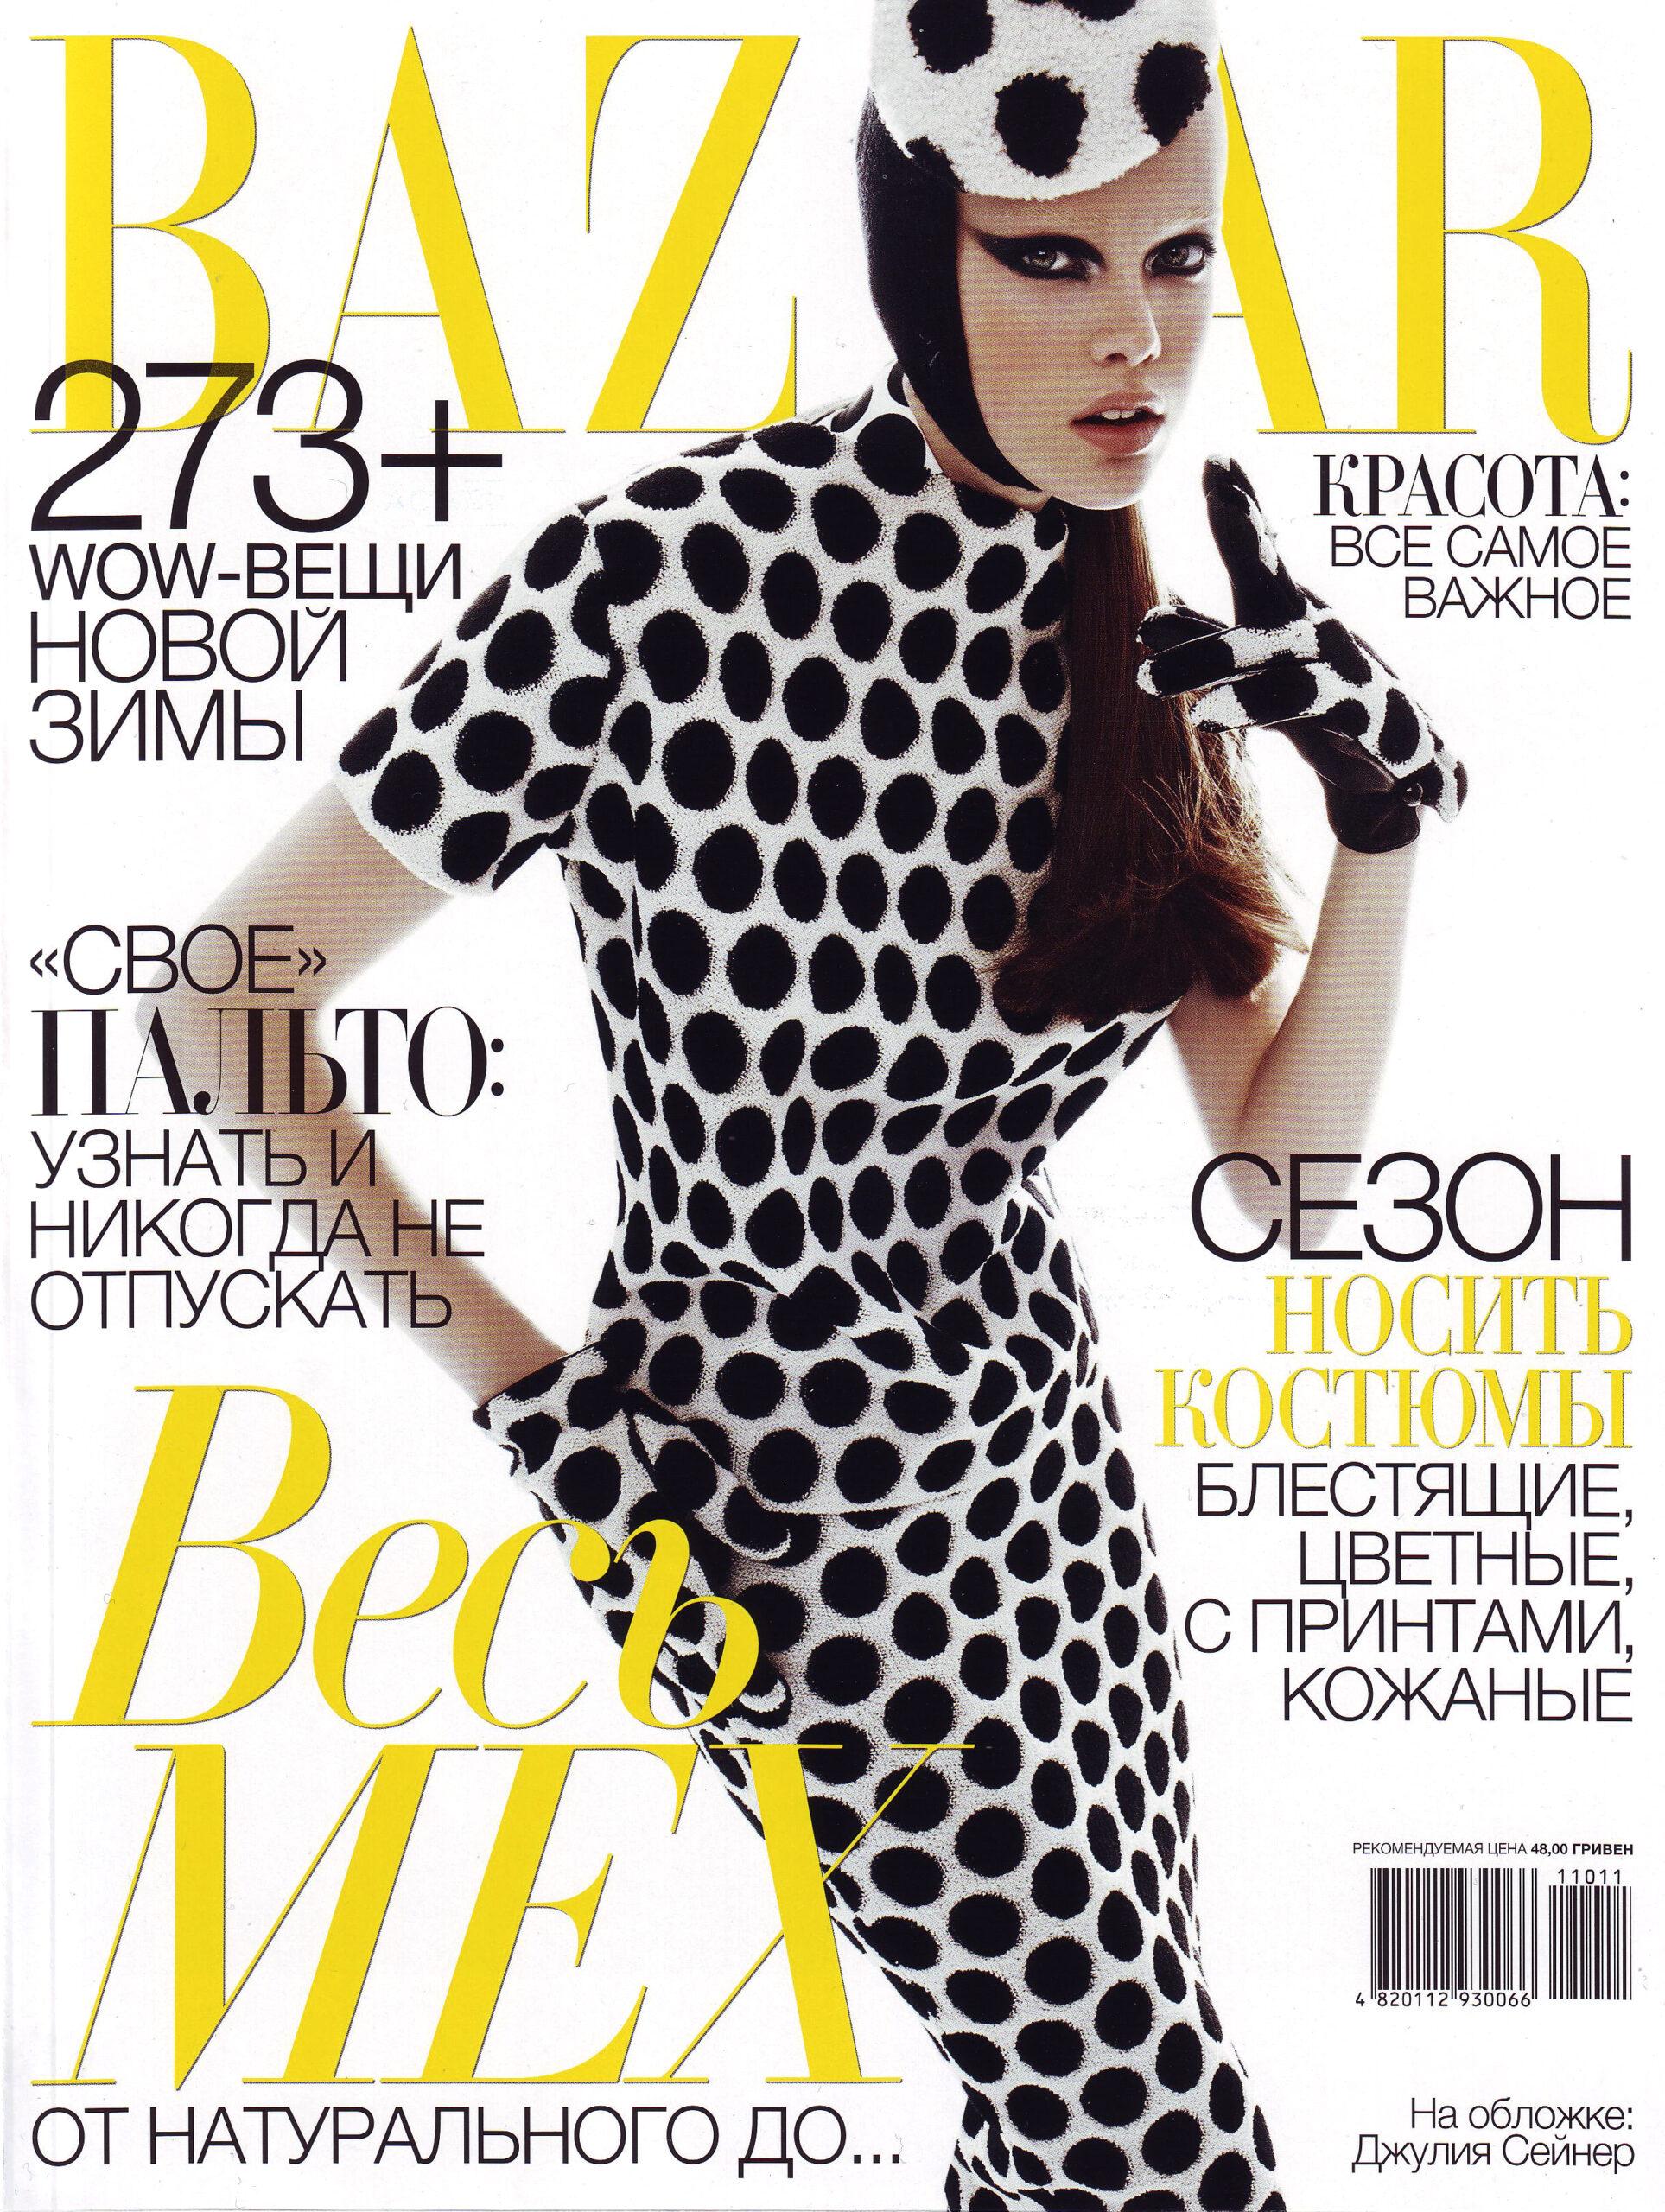 Harpers Bazaar / Ukrain